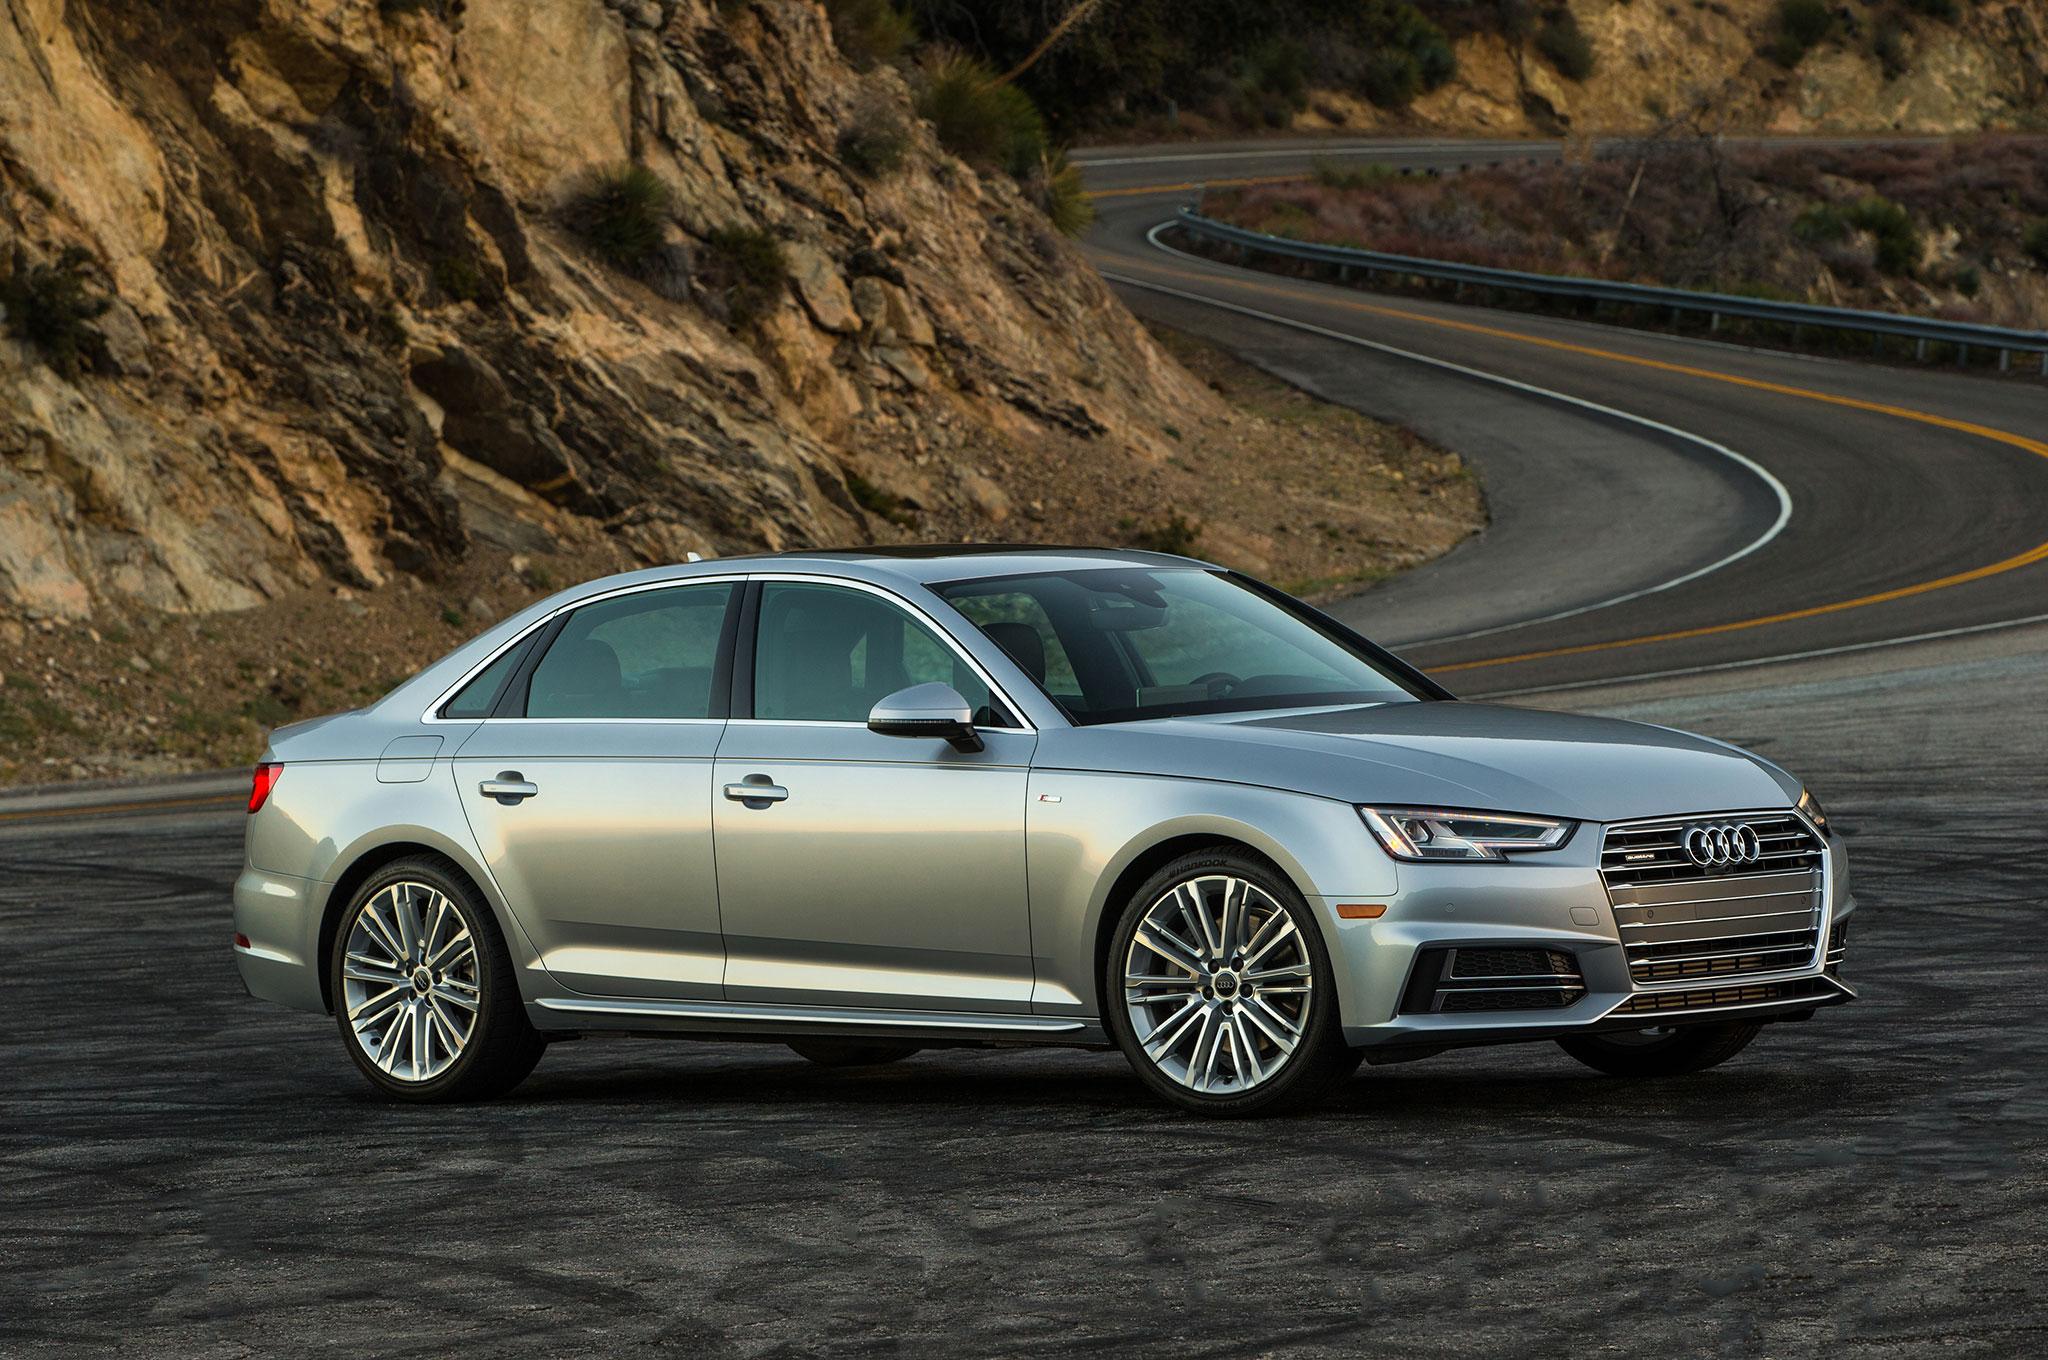 2017 Audi A4 Euro-Spec Review